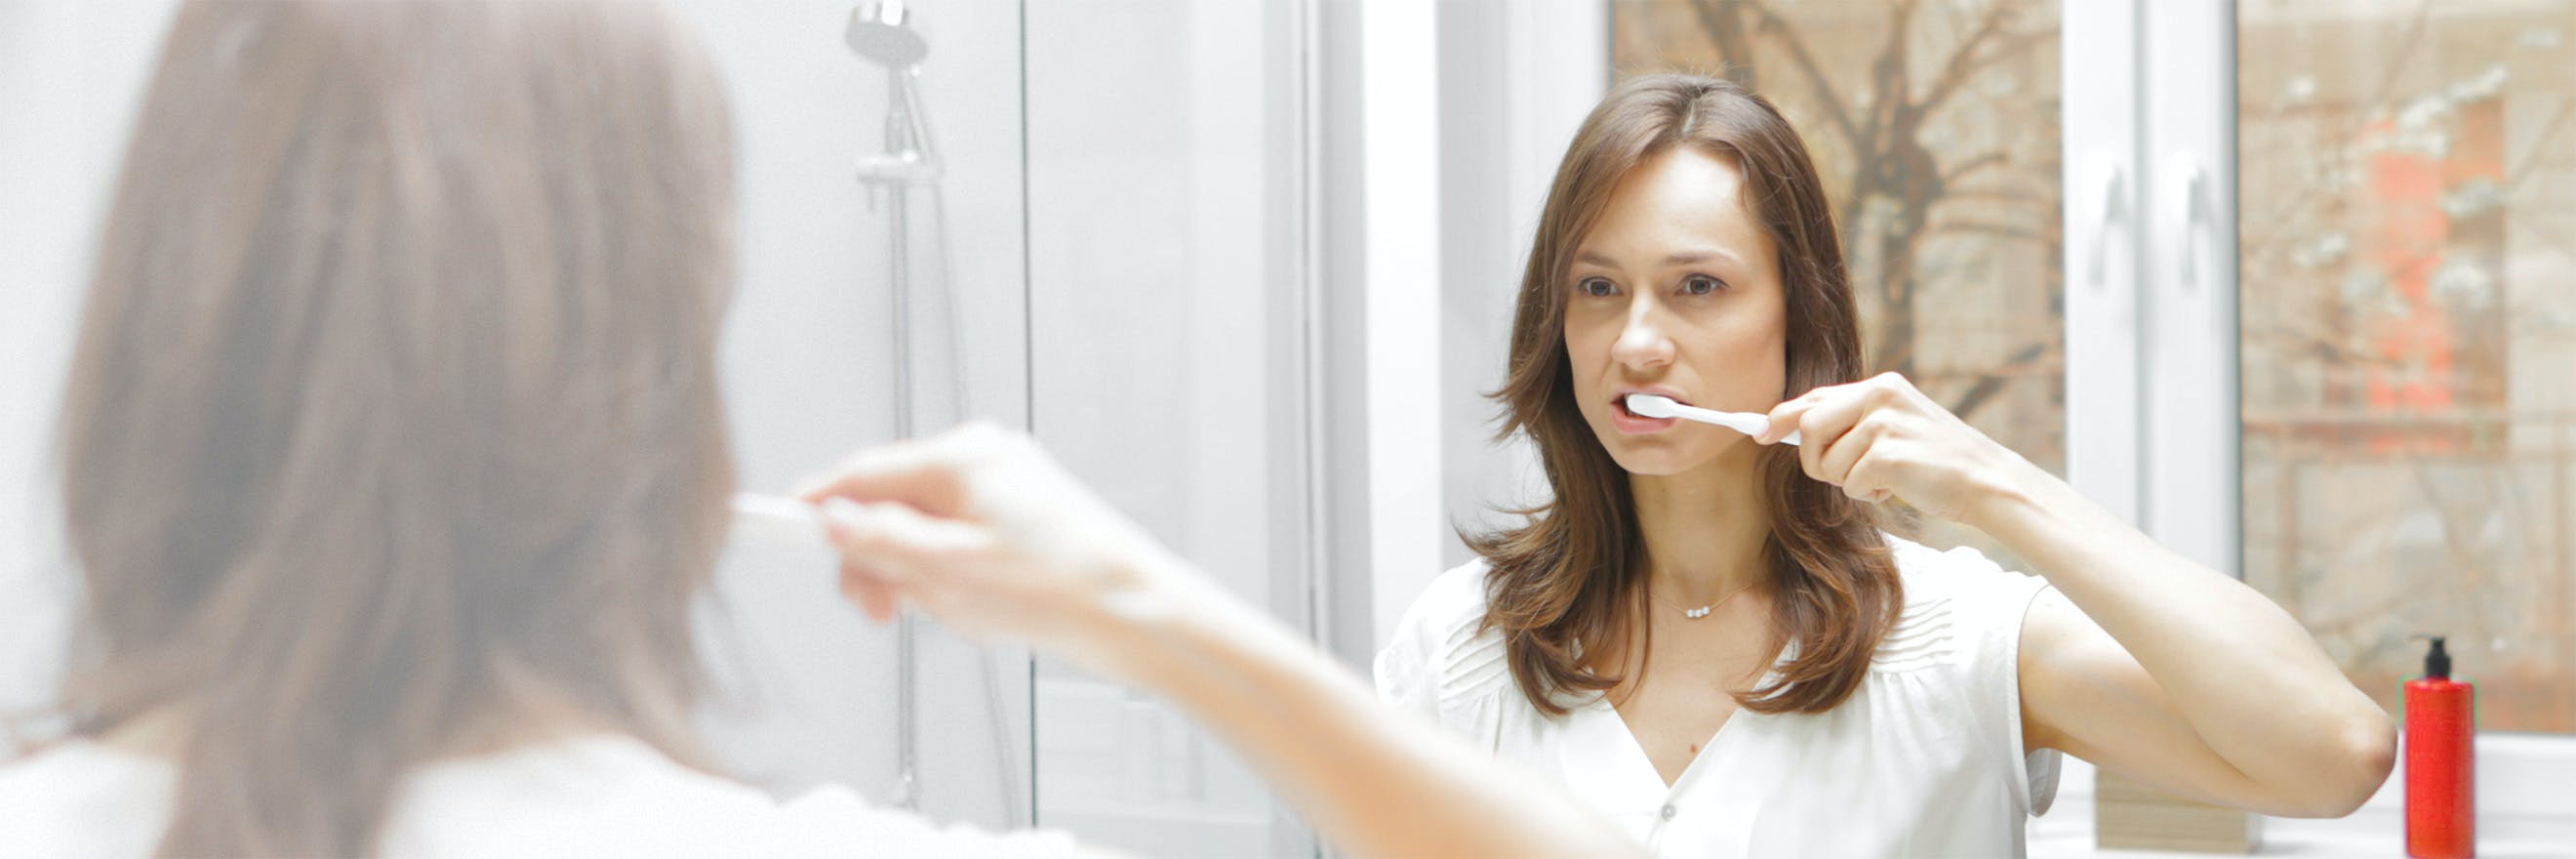 Žena, která si čistí zuby